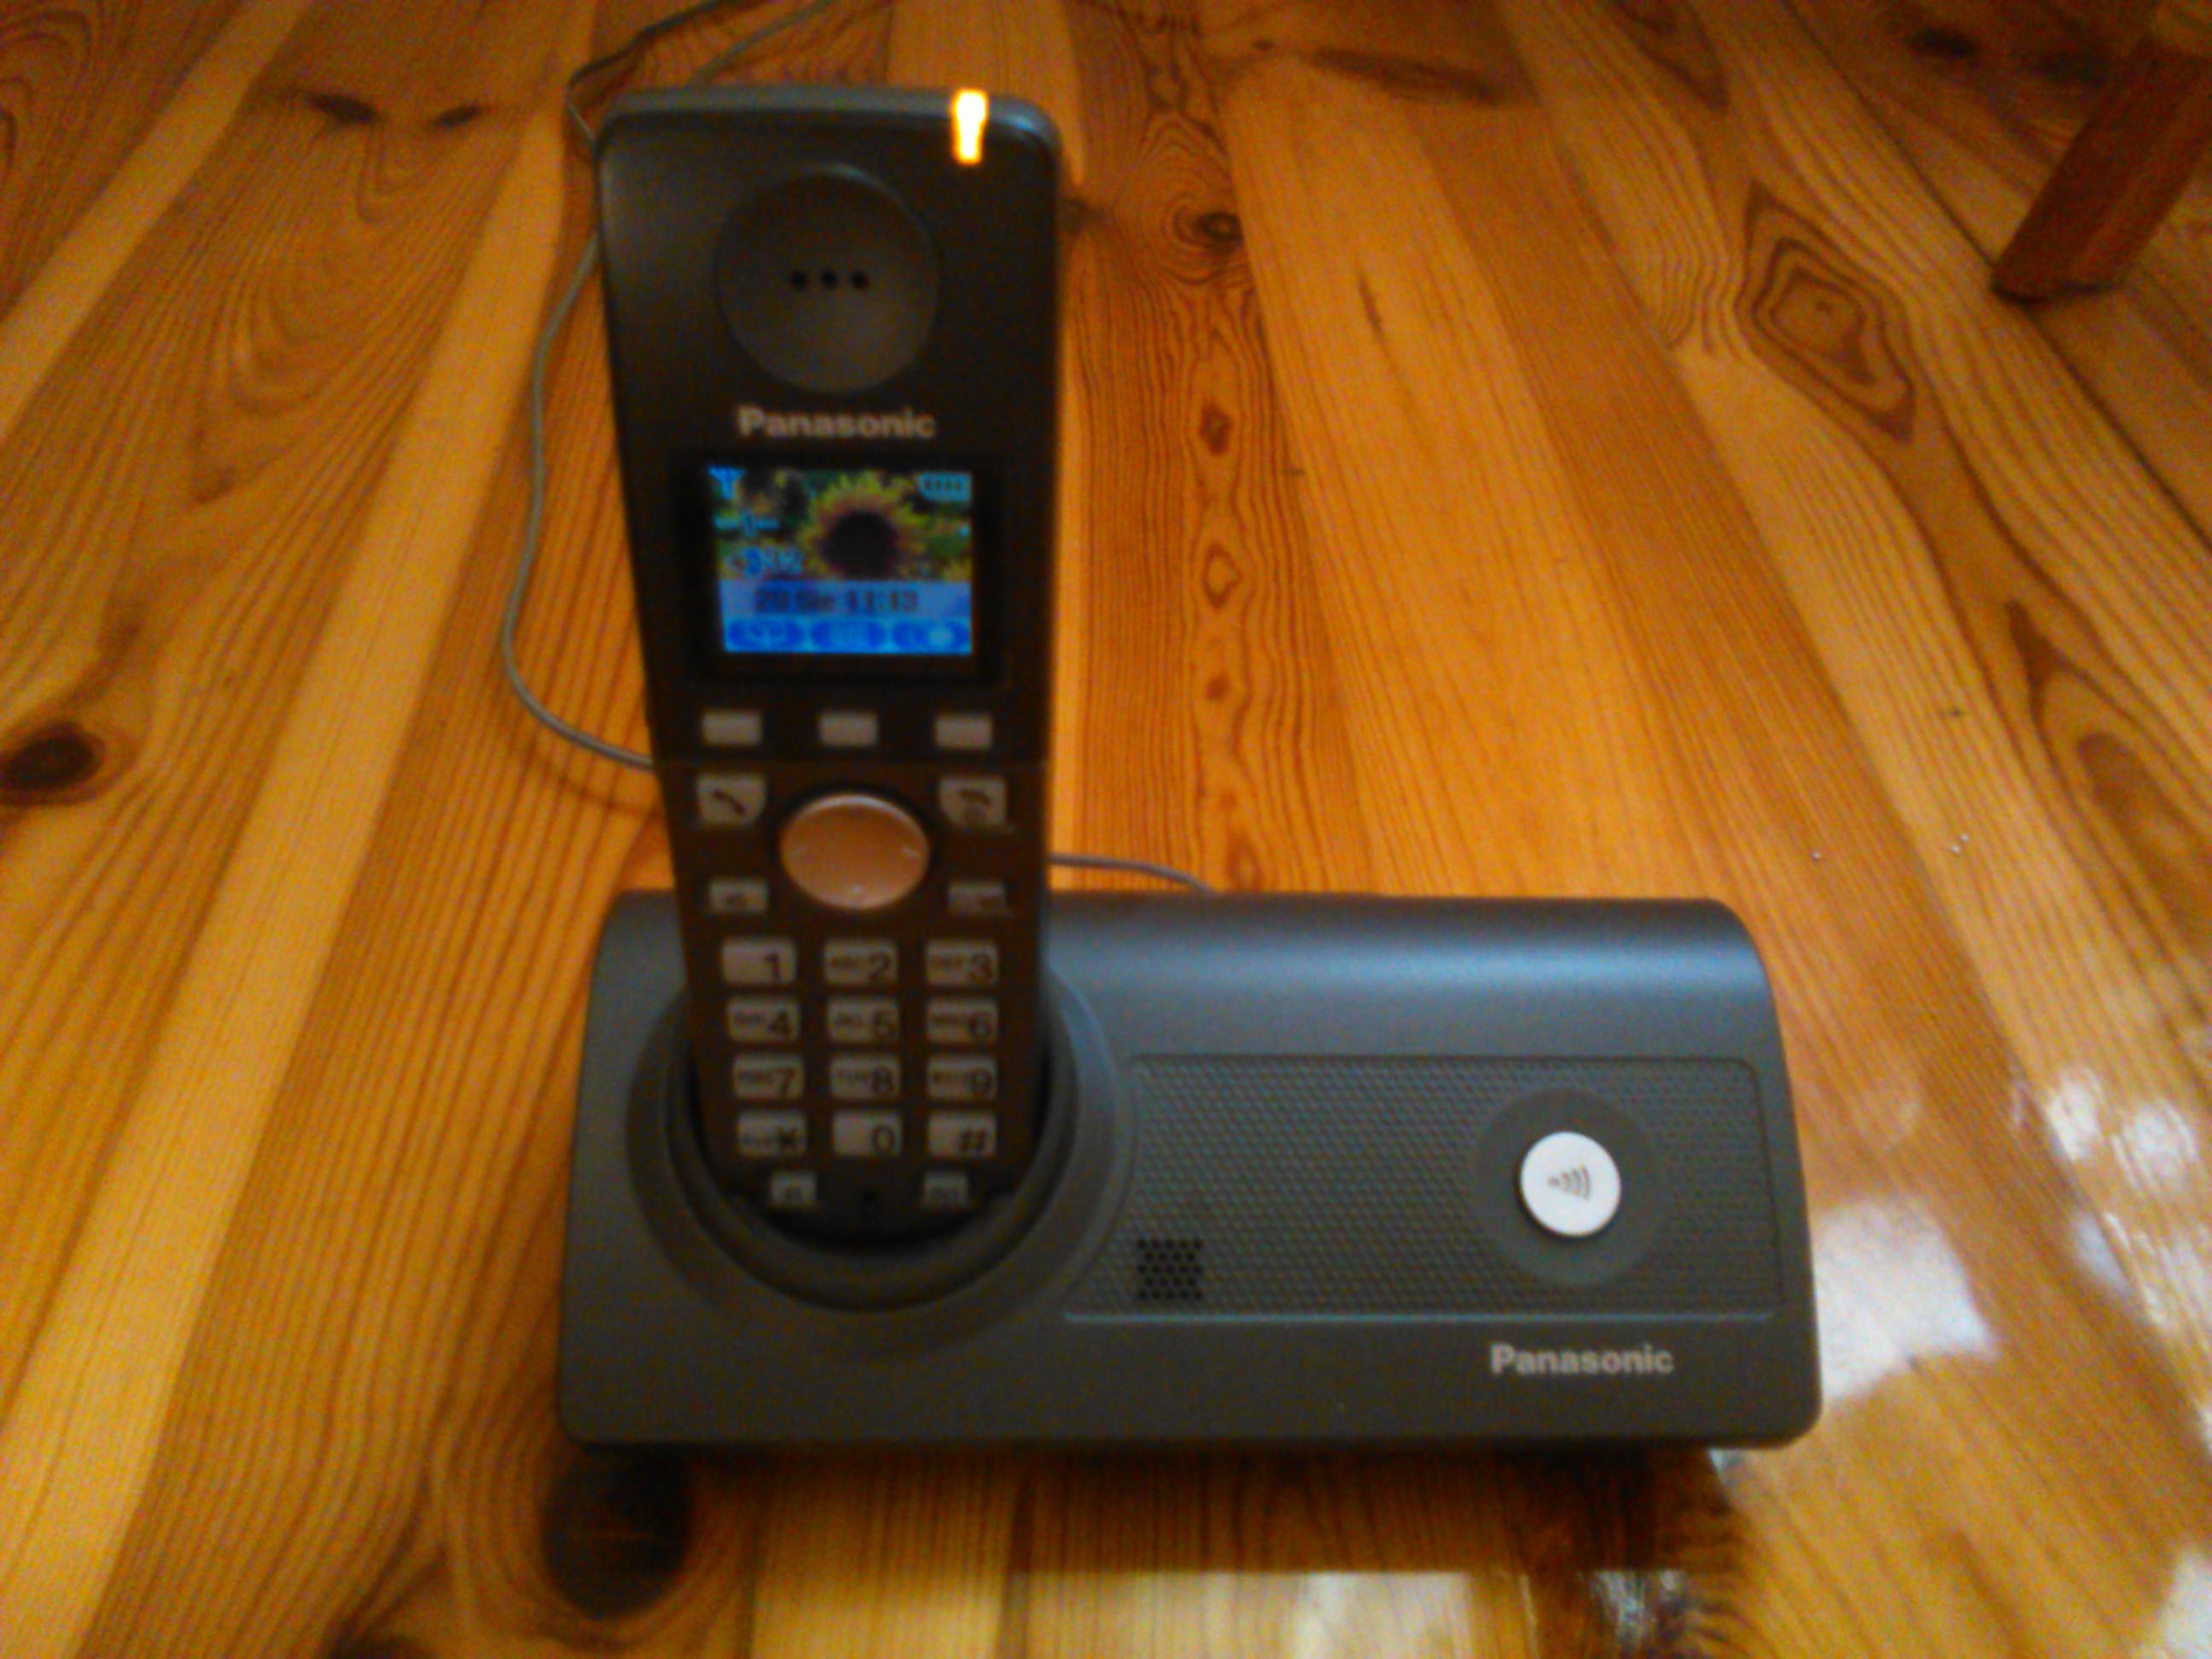 [Sprzedam] Panasonic telefon stacjonarny bezprzewodowy  KX-TG8100